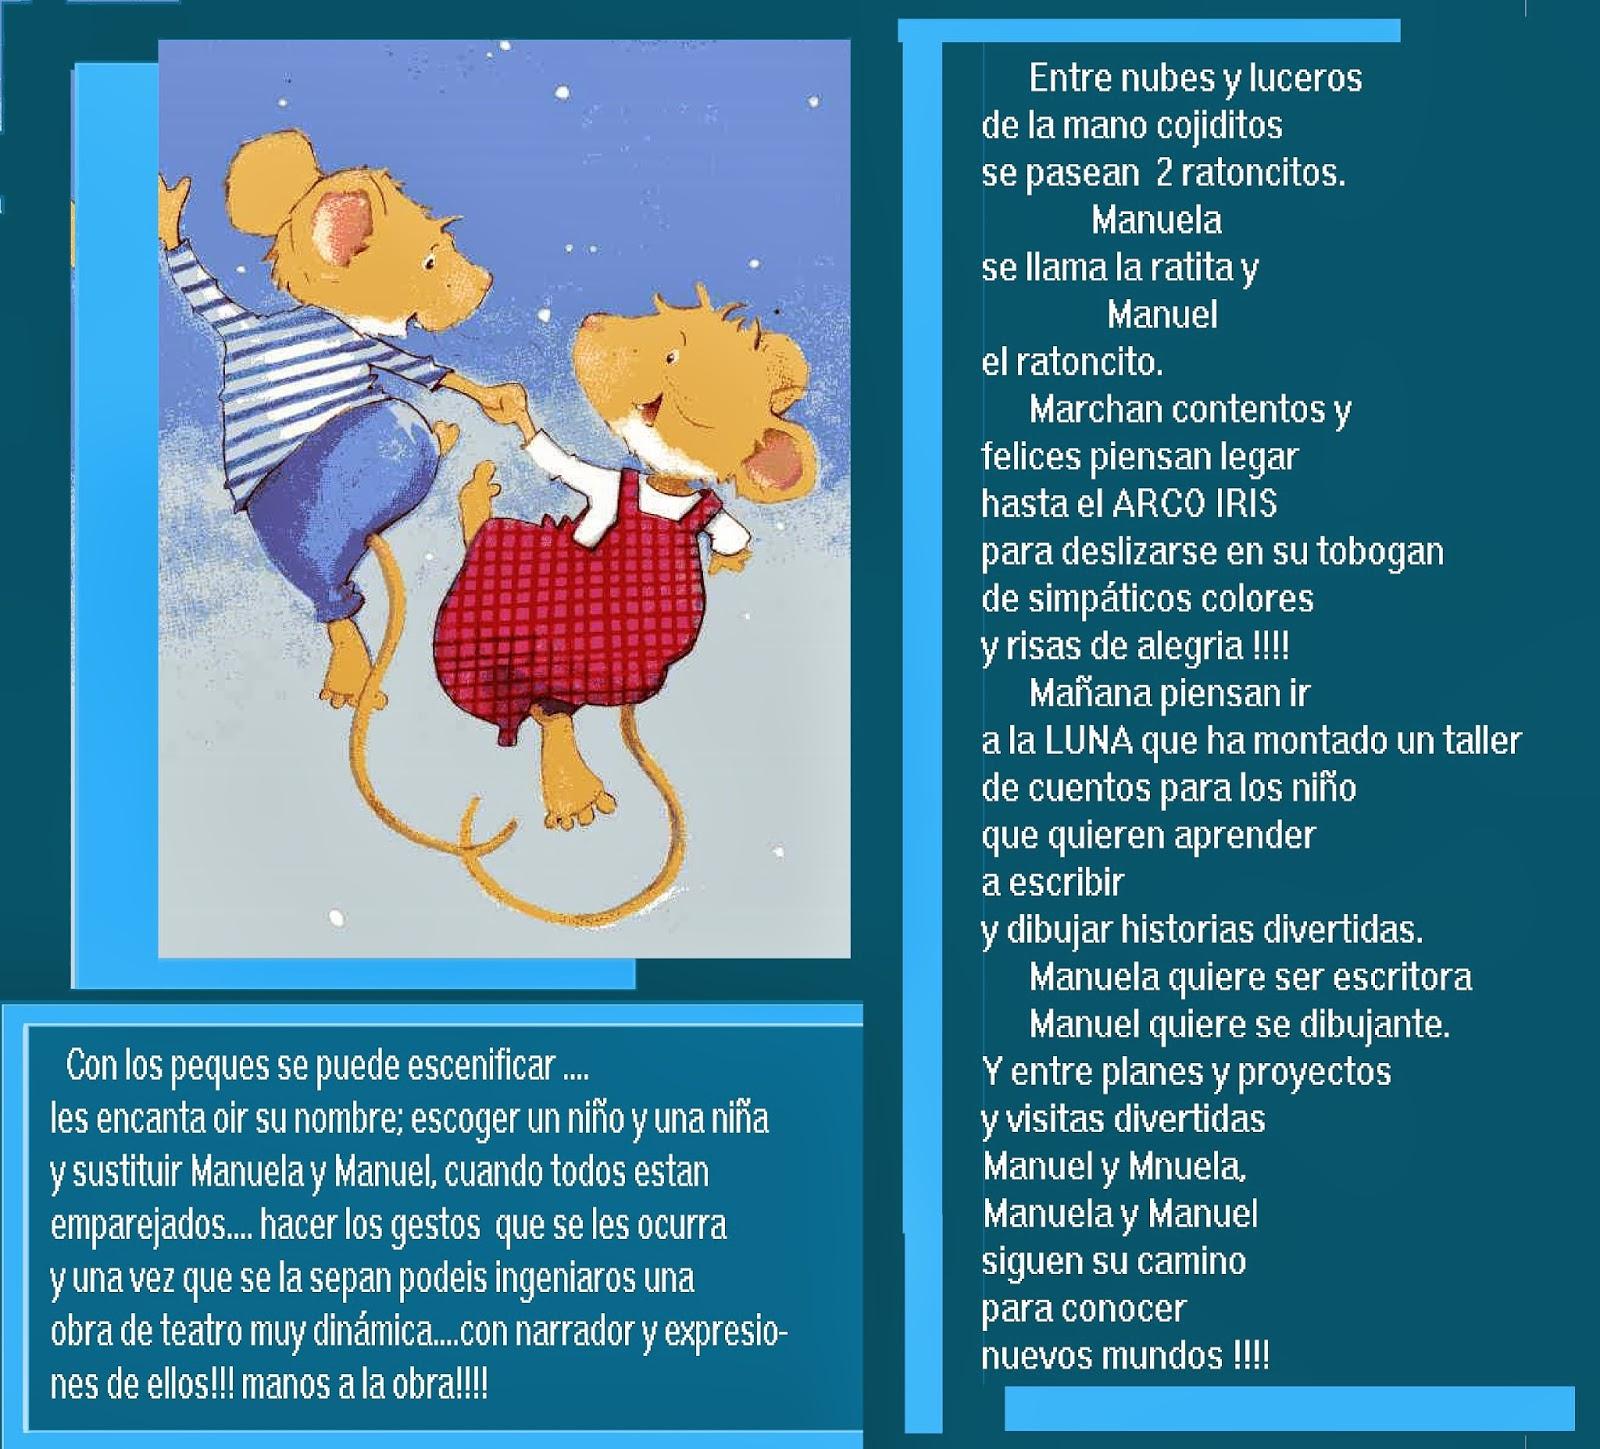 Poemas chistosos para niños ¡ríe a carcajadas! TEJIENDO CUENTOS Y POESÍAS INFANTILES: CUENTOS CORTOS PARA